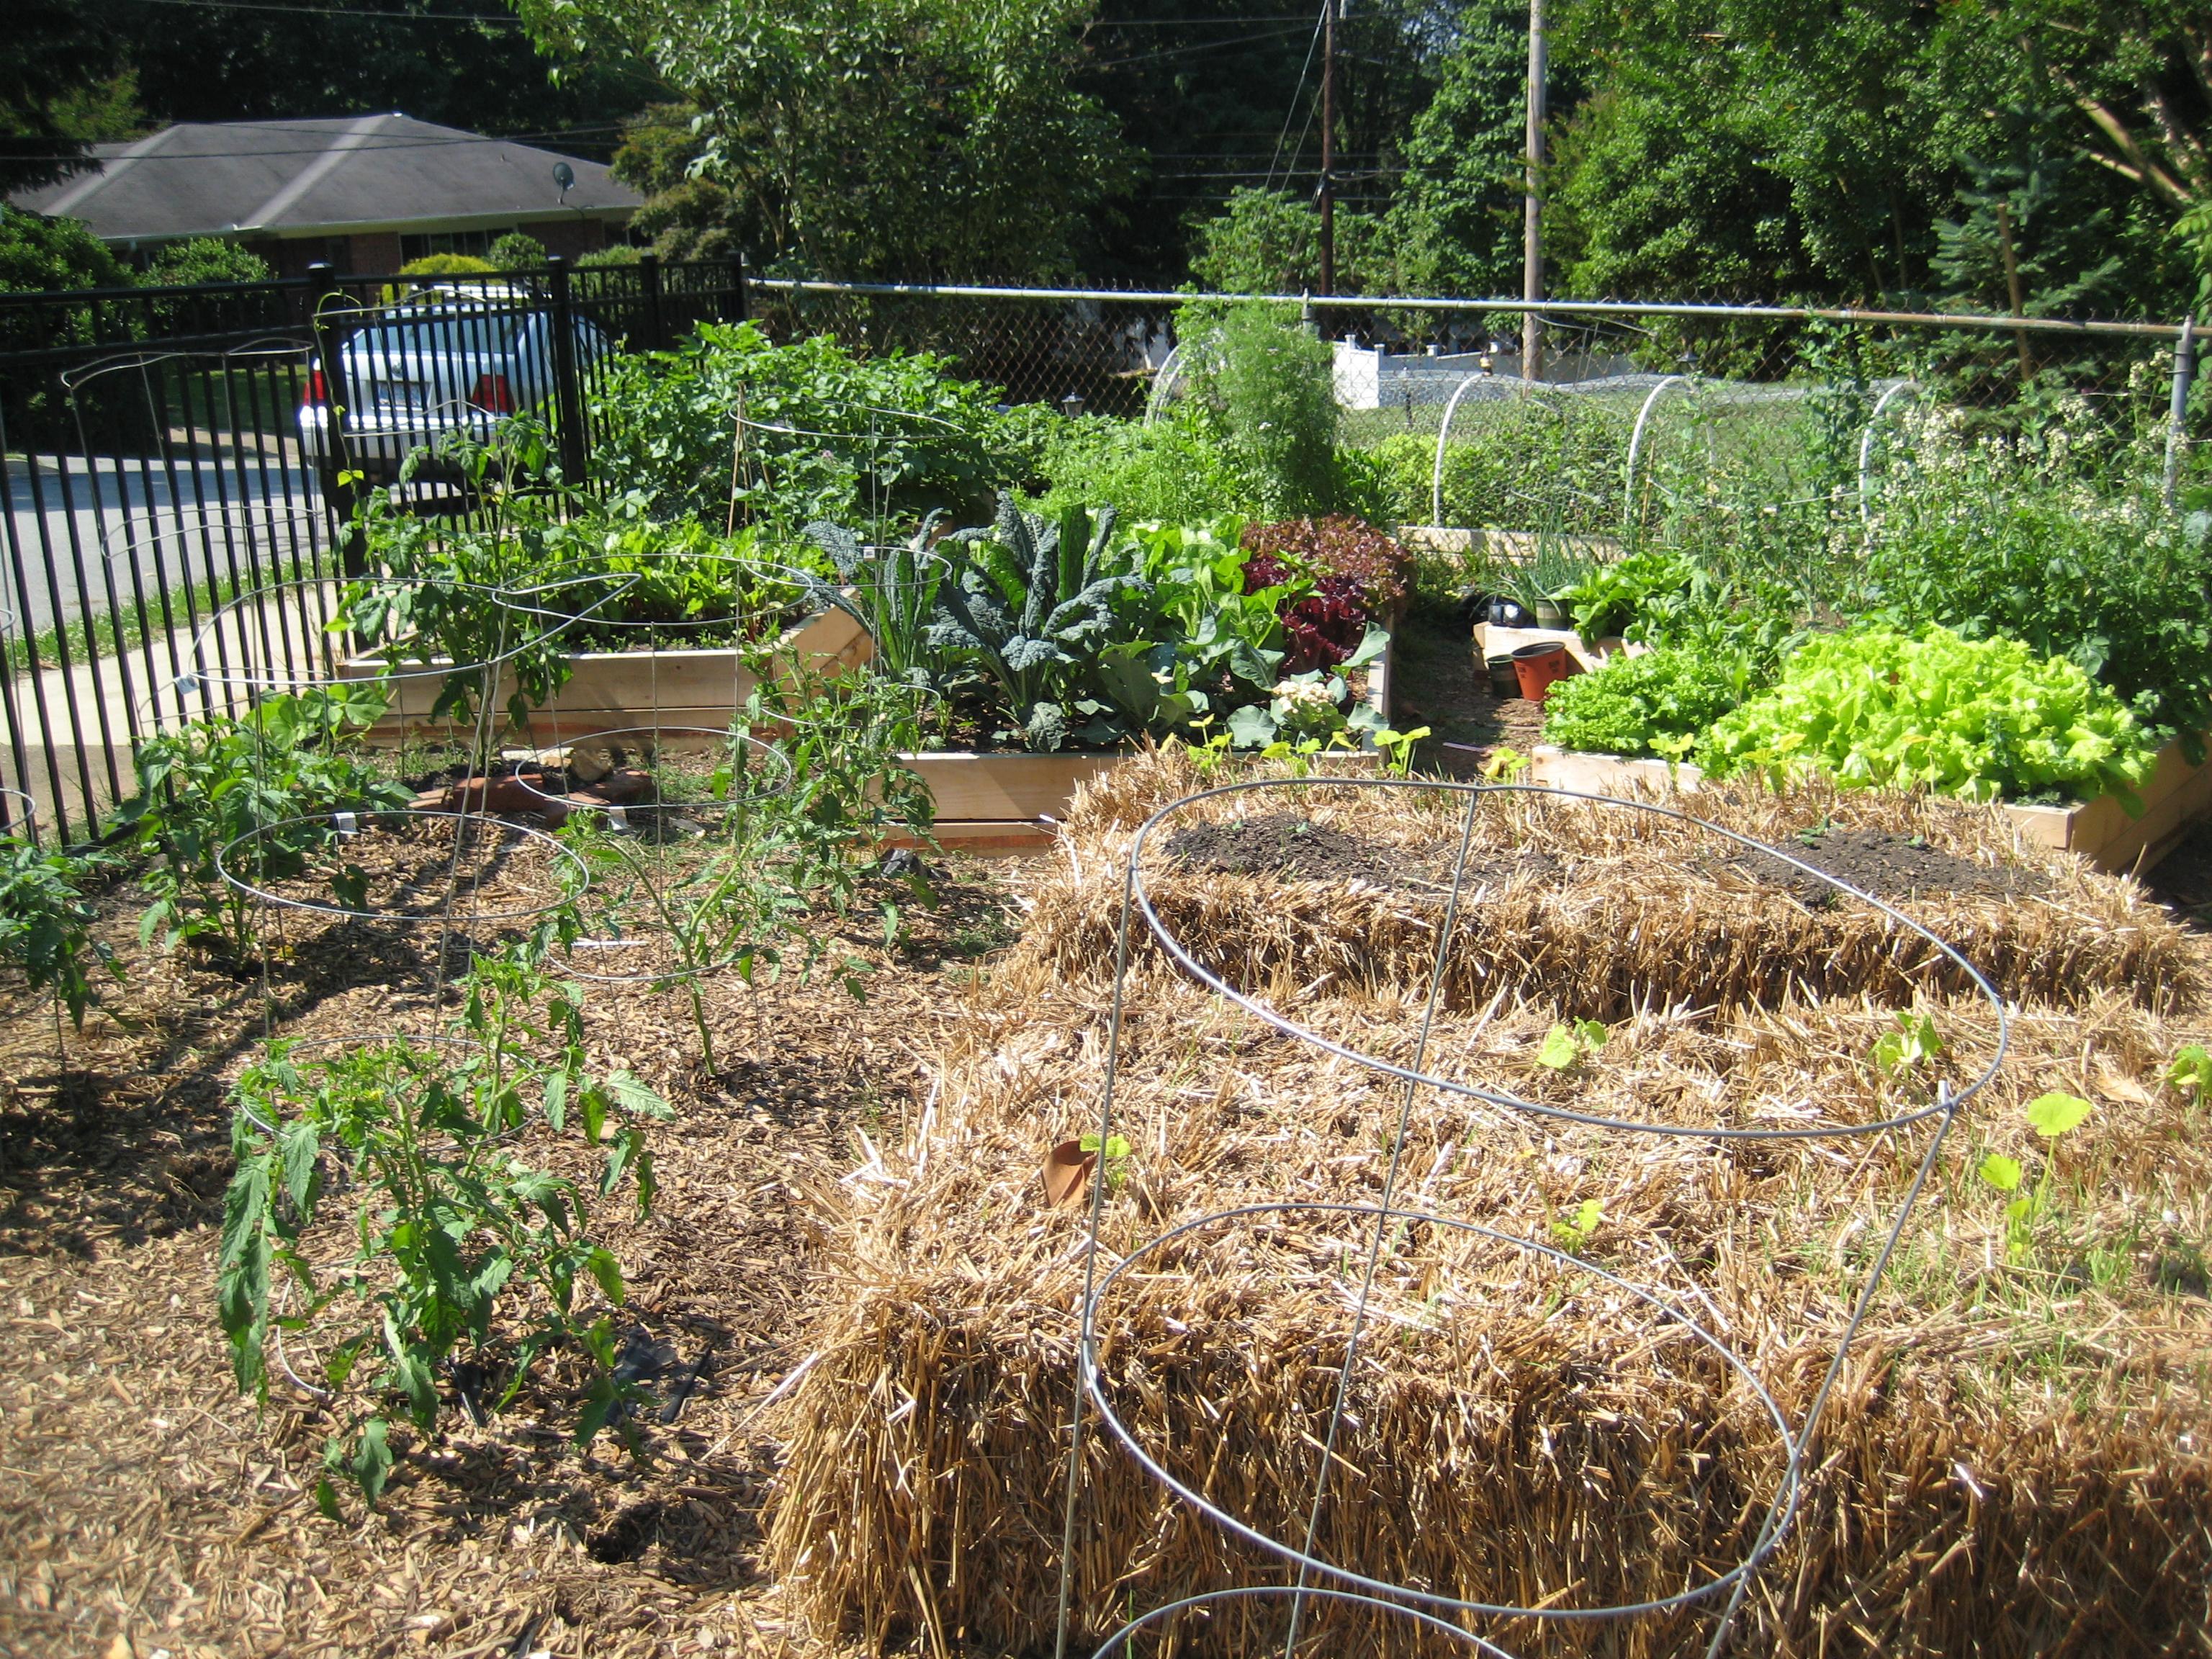 growing plants in hay bales Hay bales